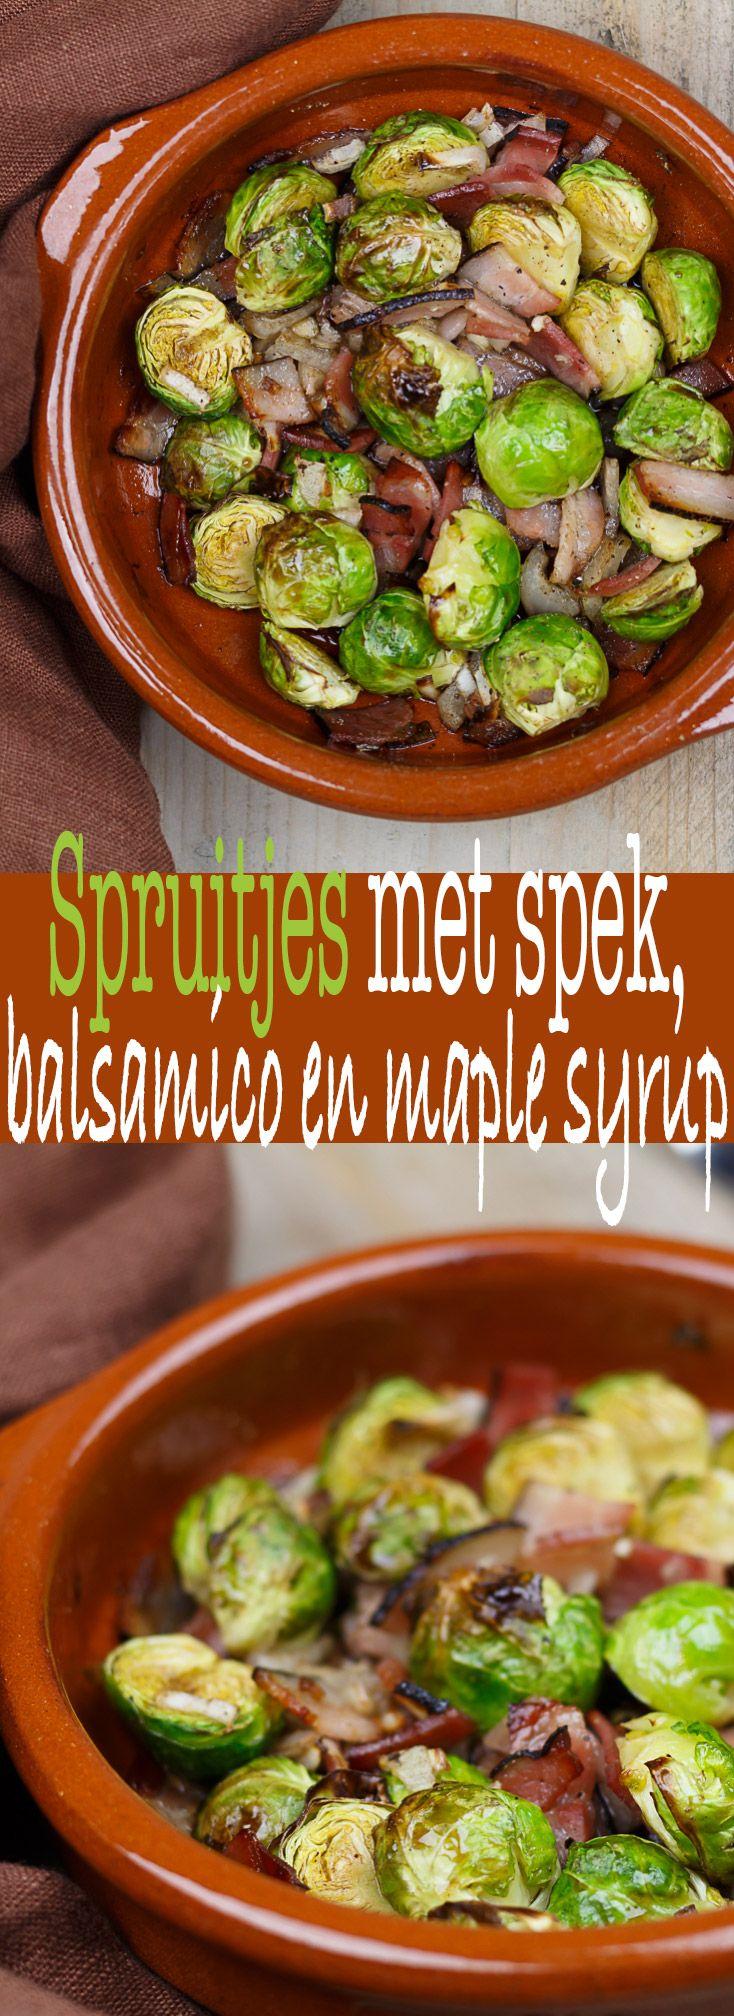 Spruitjes met spek, balsamico en maple syup #recept #recipe #oven